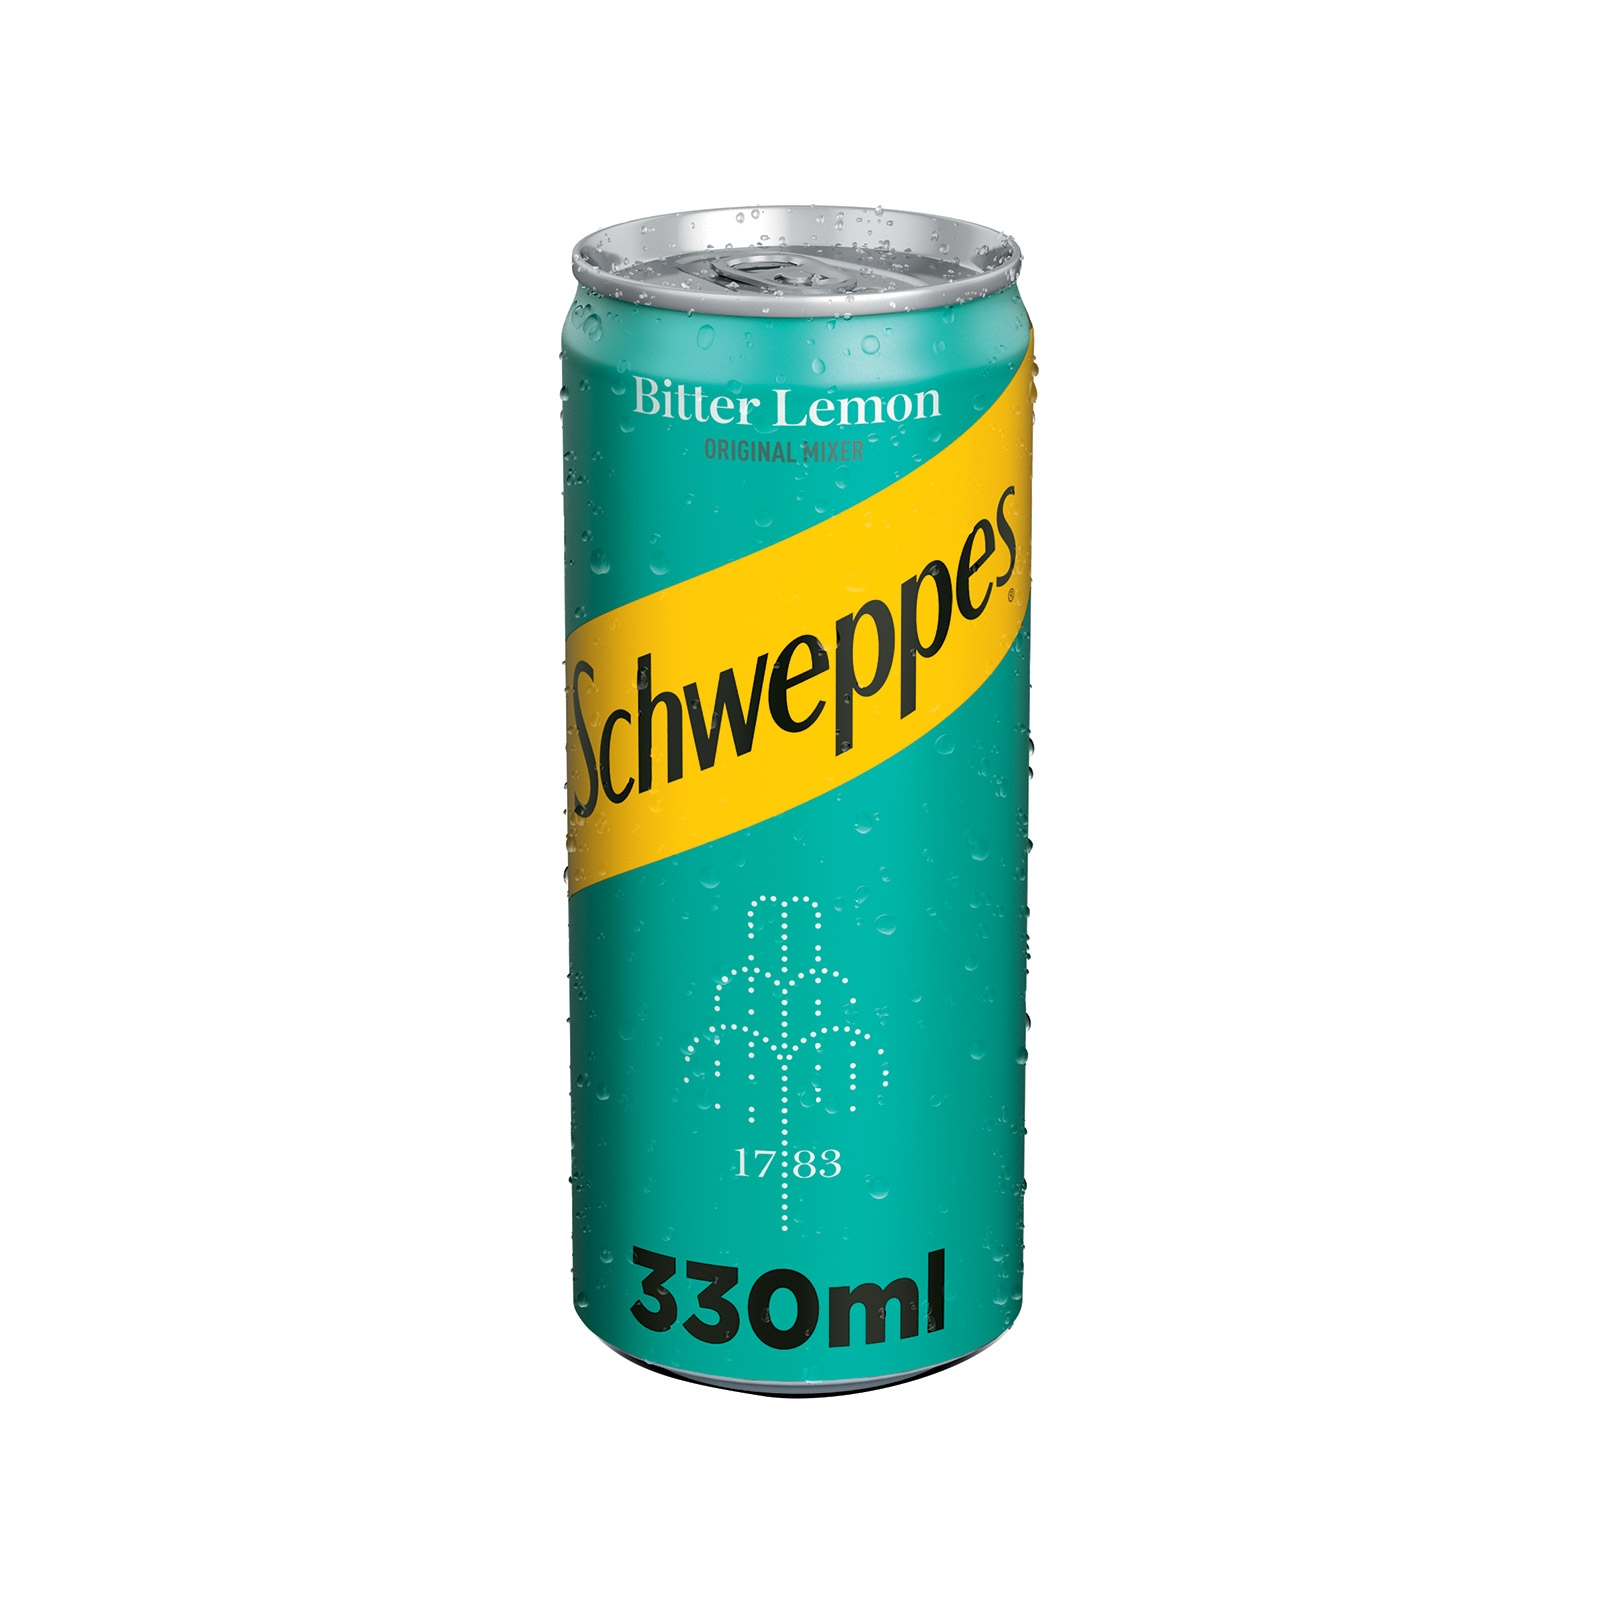 SCHWEPPES BITTER LEMON 330ML